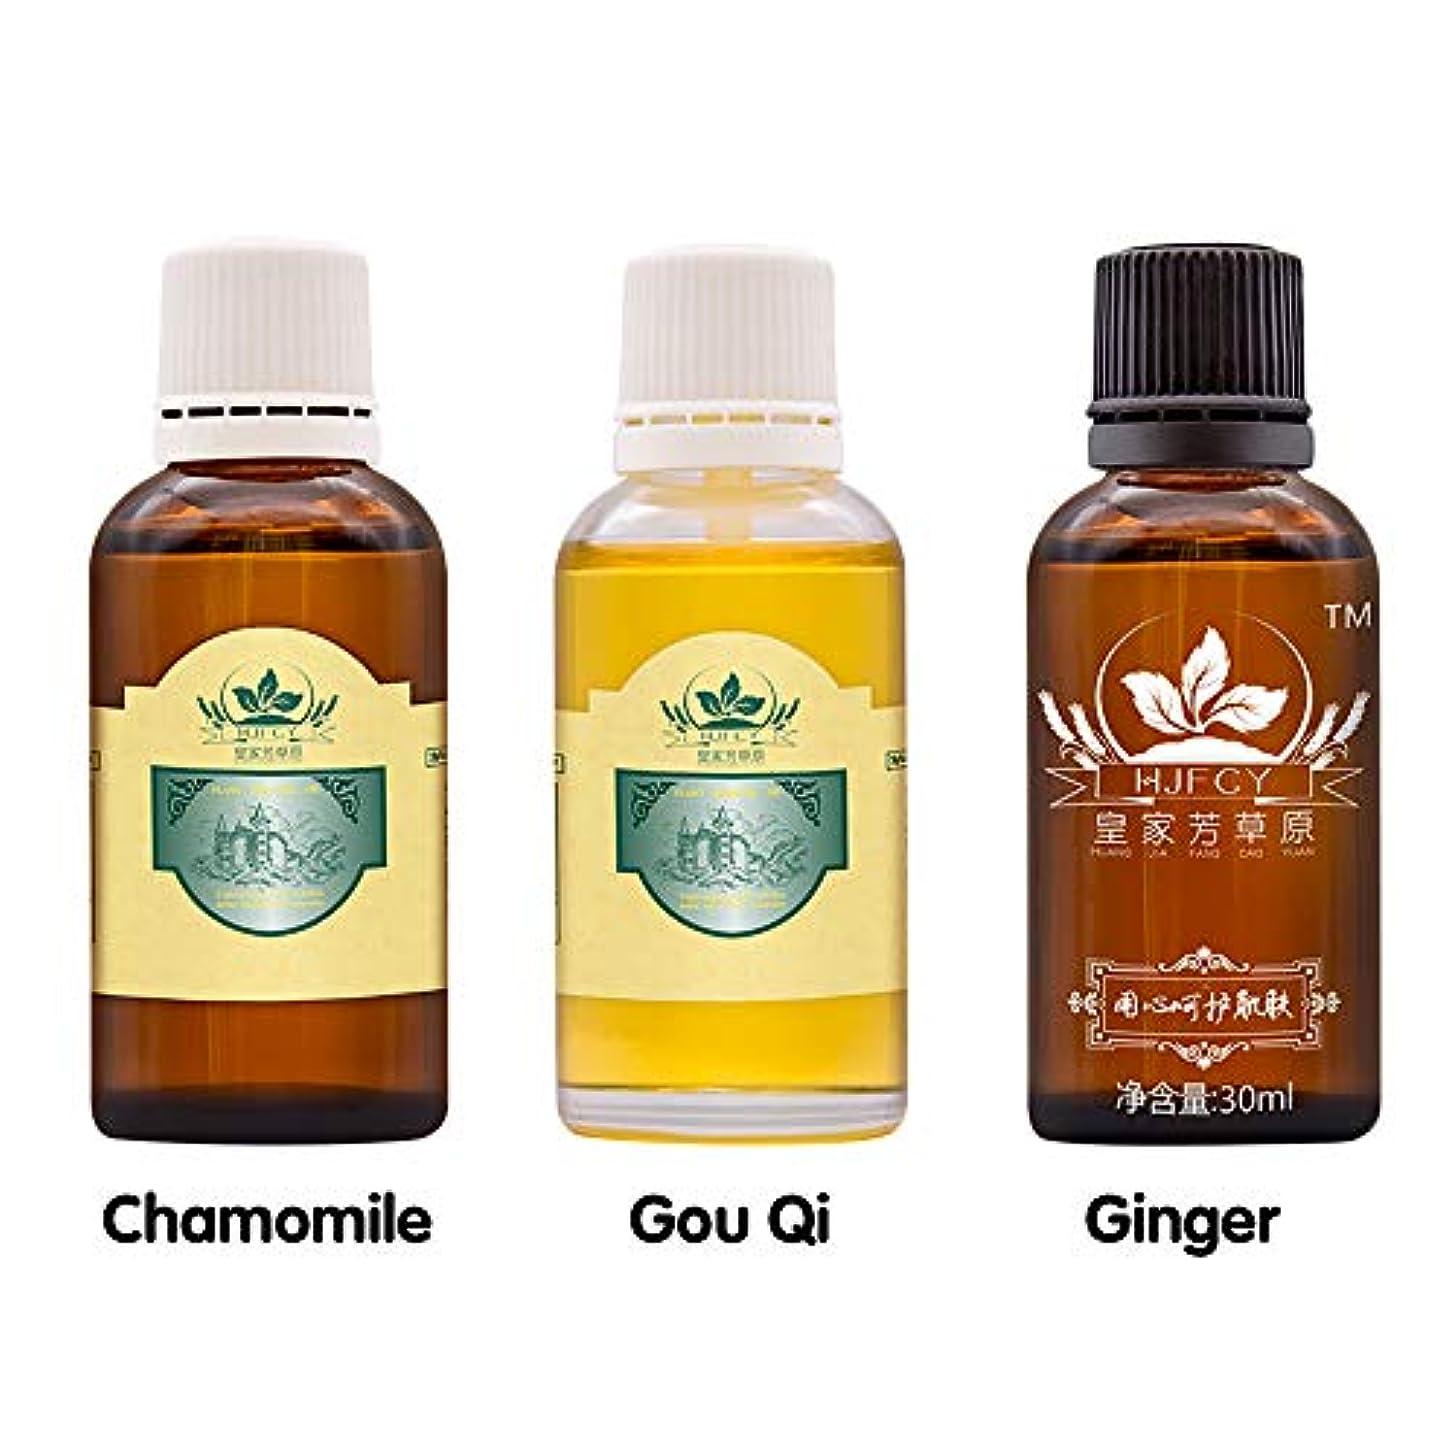 クスクスメナジェリーシプリー100%天然エッセンシャルオイル、生姜エッセンシャルオイル、ユーカリエッセンシャルオイル、カモミールエッセンシャルオイル、高品質エッセンシャルオイルマッサージエッセンシャルオイル30ml